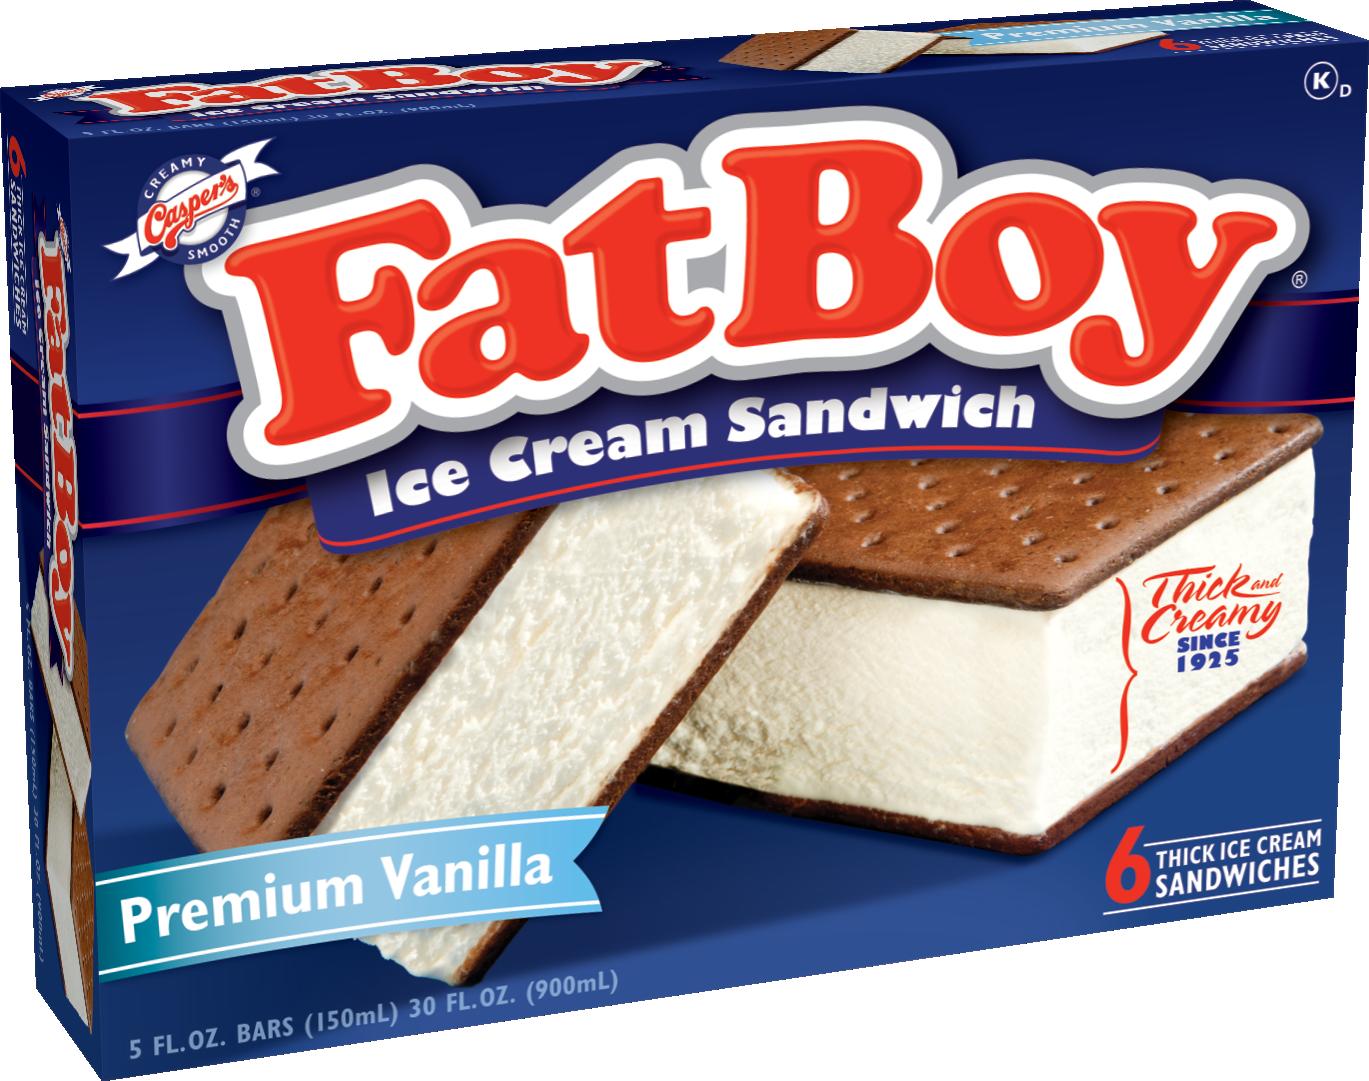 casper s ice cream fatboy vanilla sandwiches